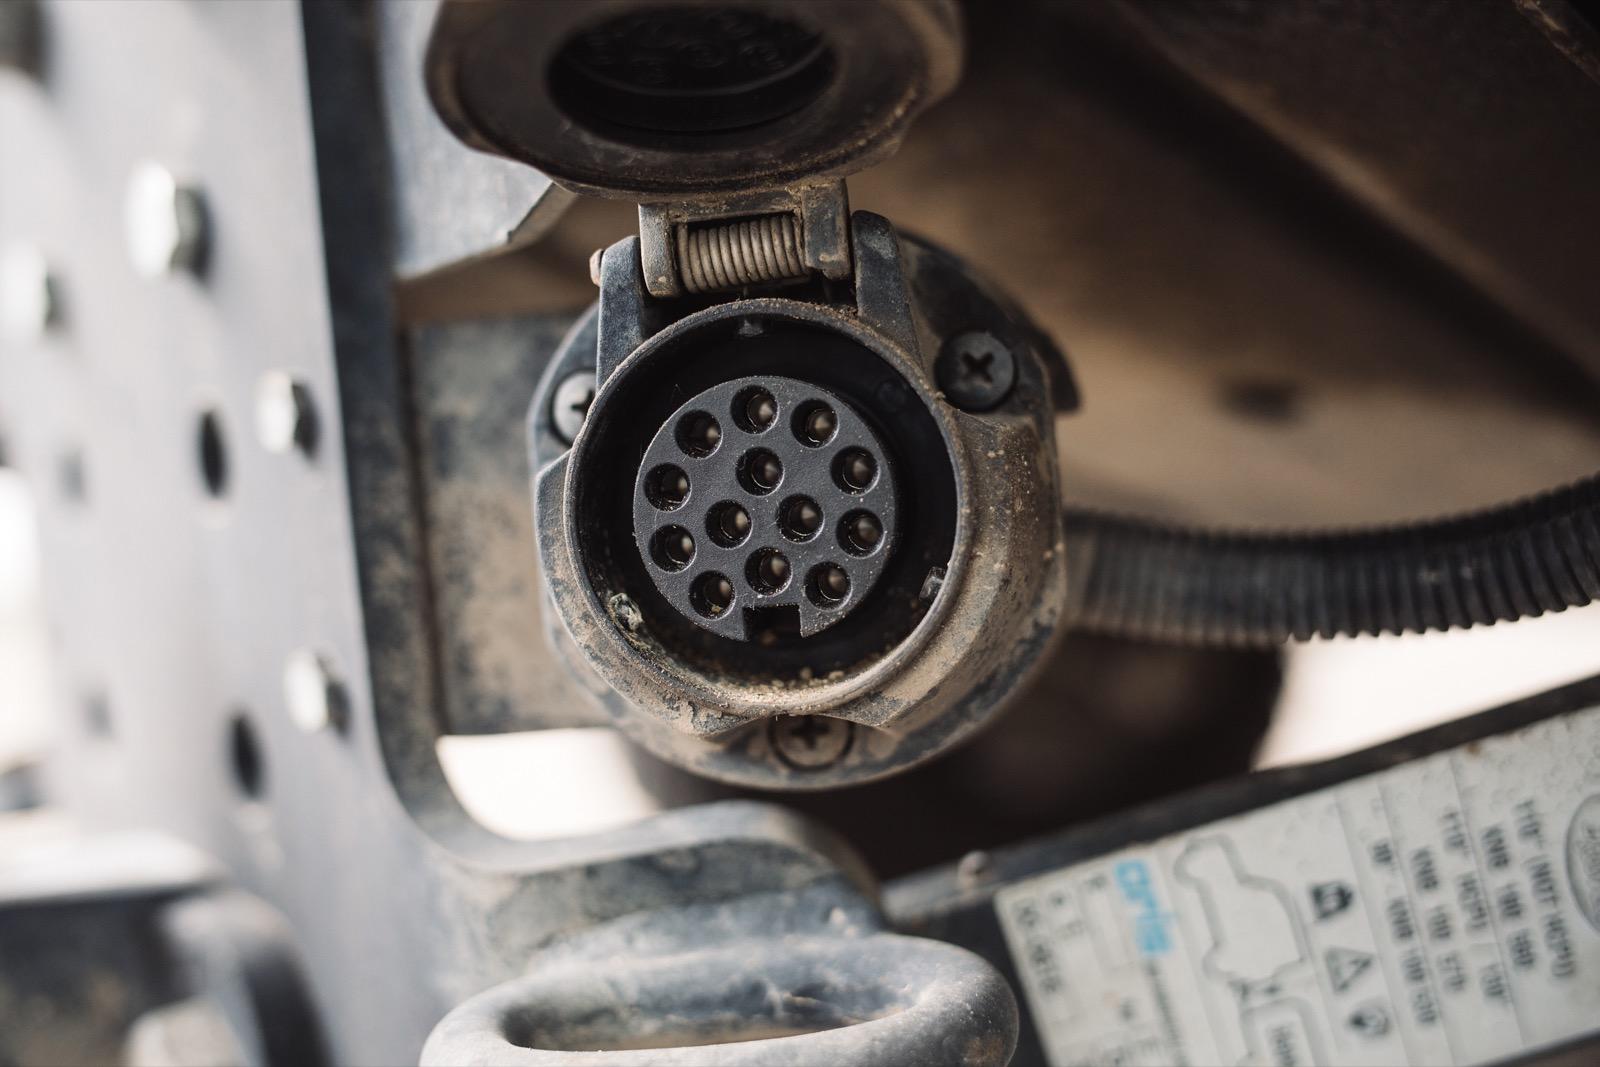 Elektrosatz der Anhängerkupplung am Land Rover Defender